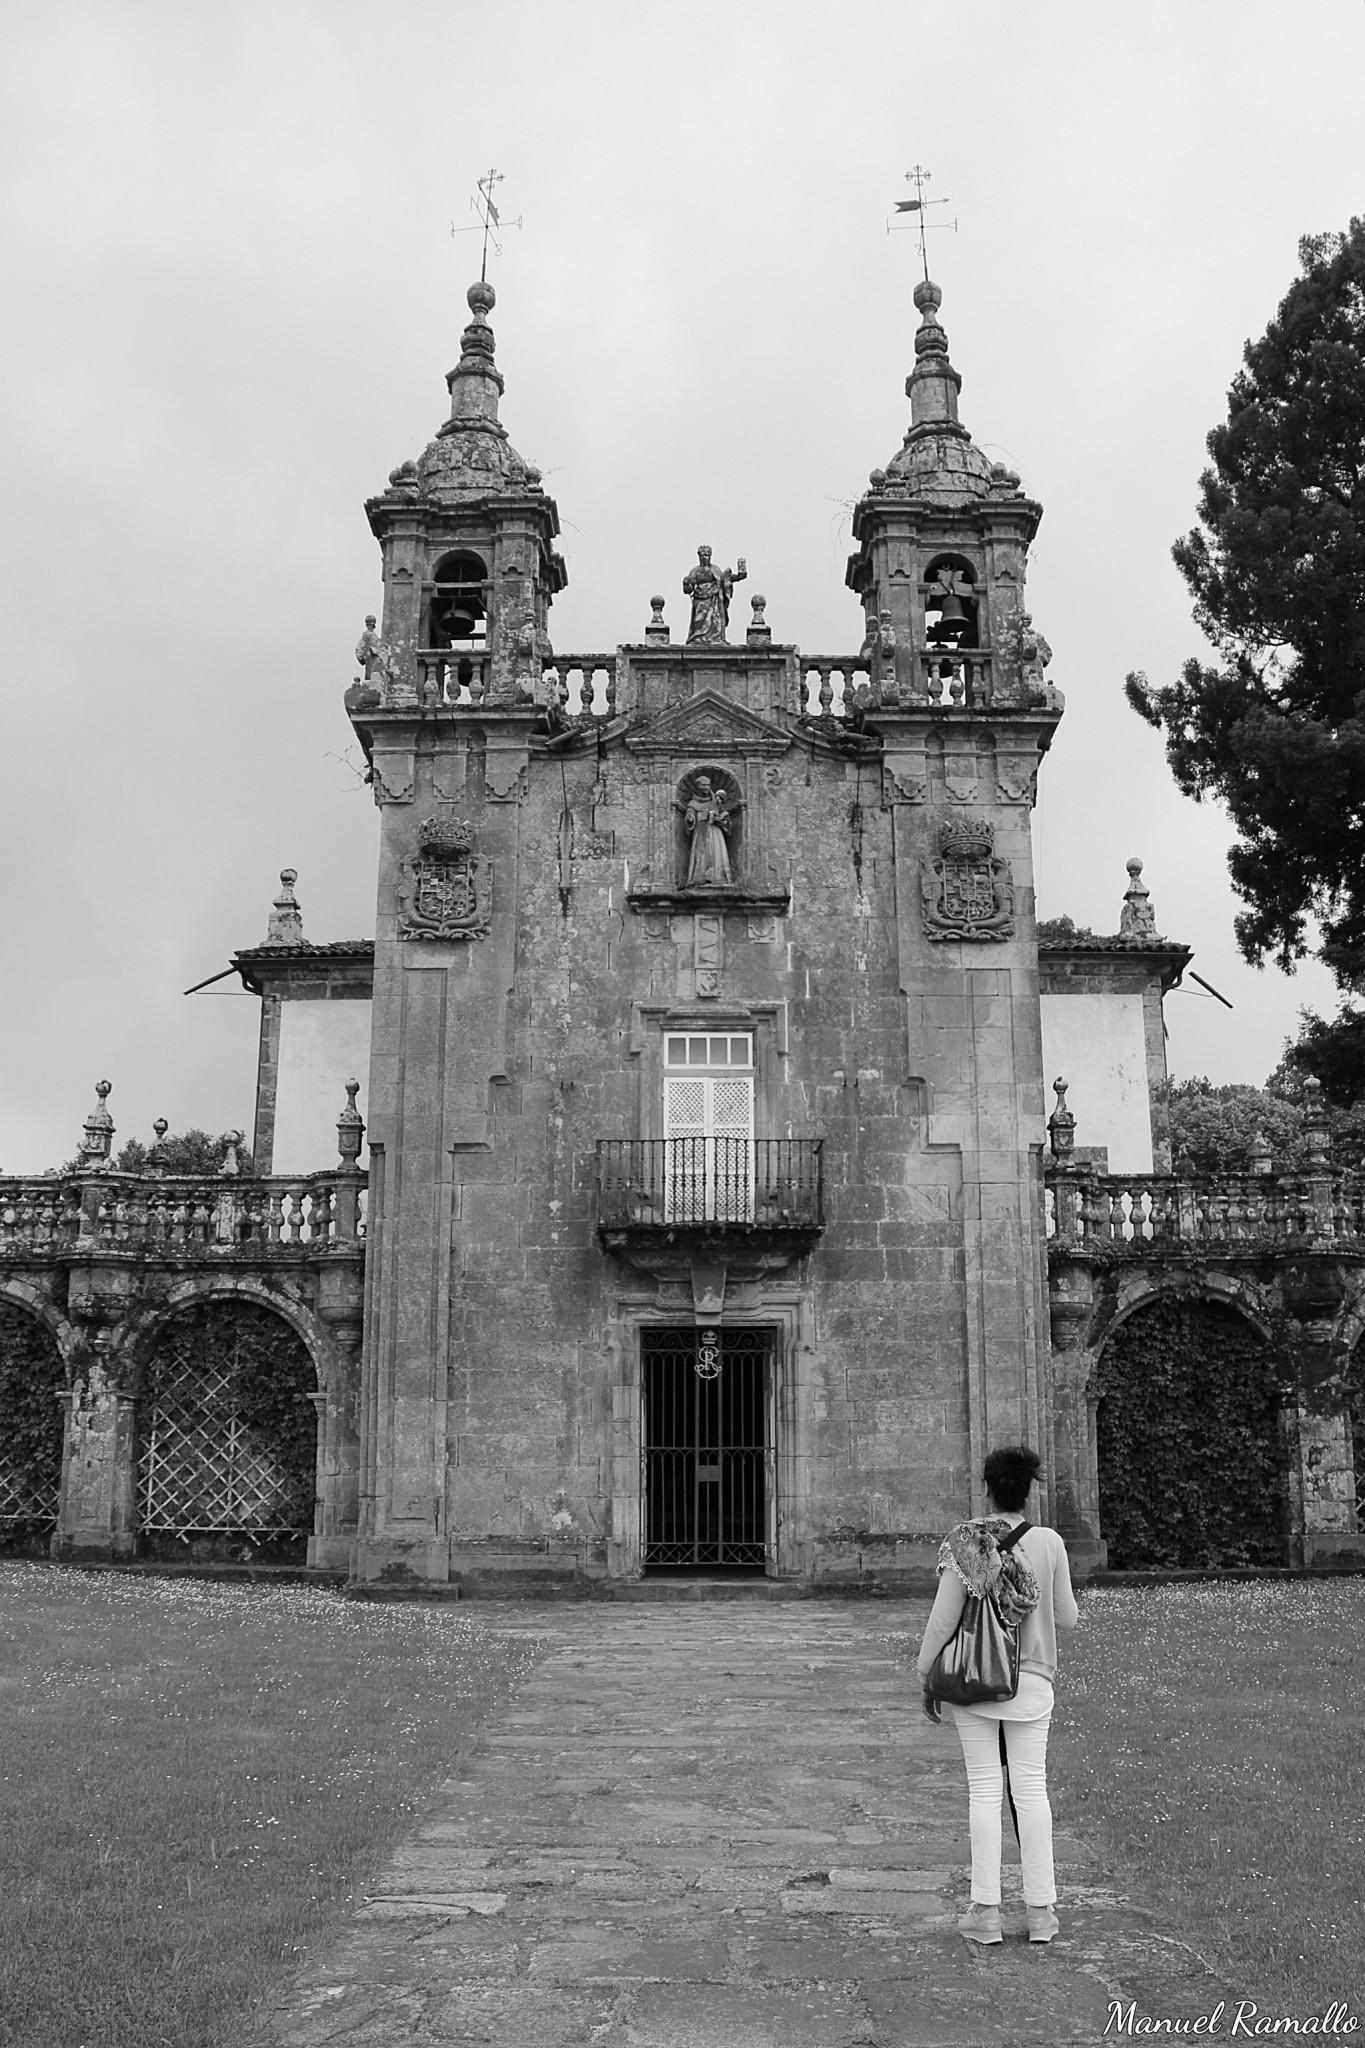 capilla-de-san-antonio-de-padua-en-el-pazo-de-oca-en-pontevedra-en-blanco-y-negro